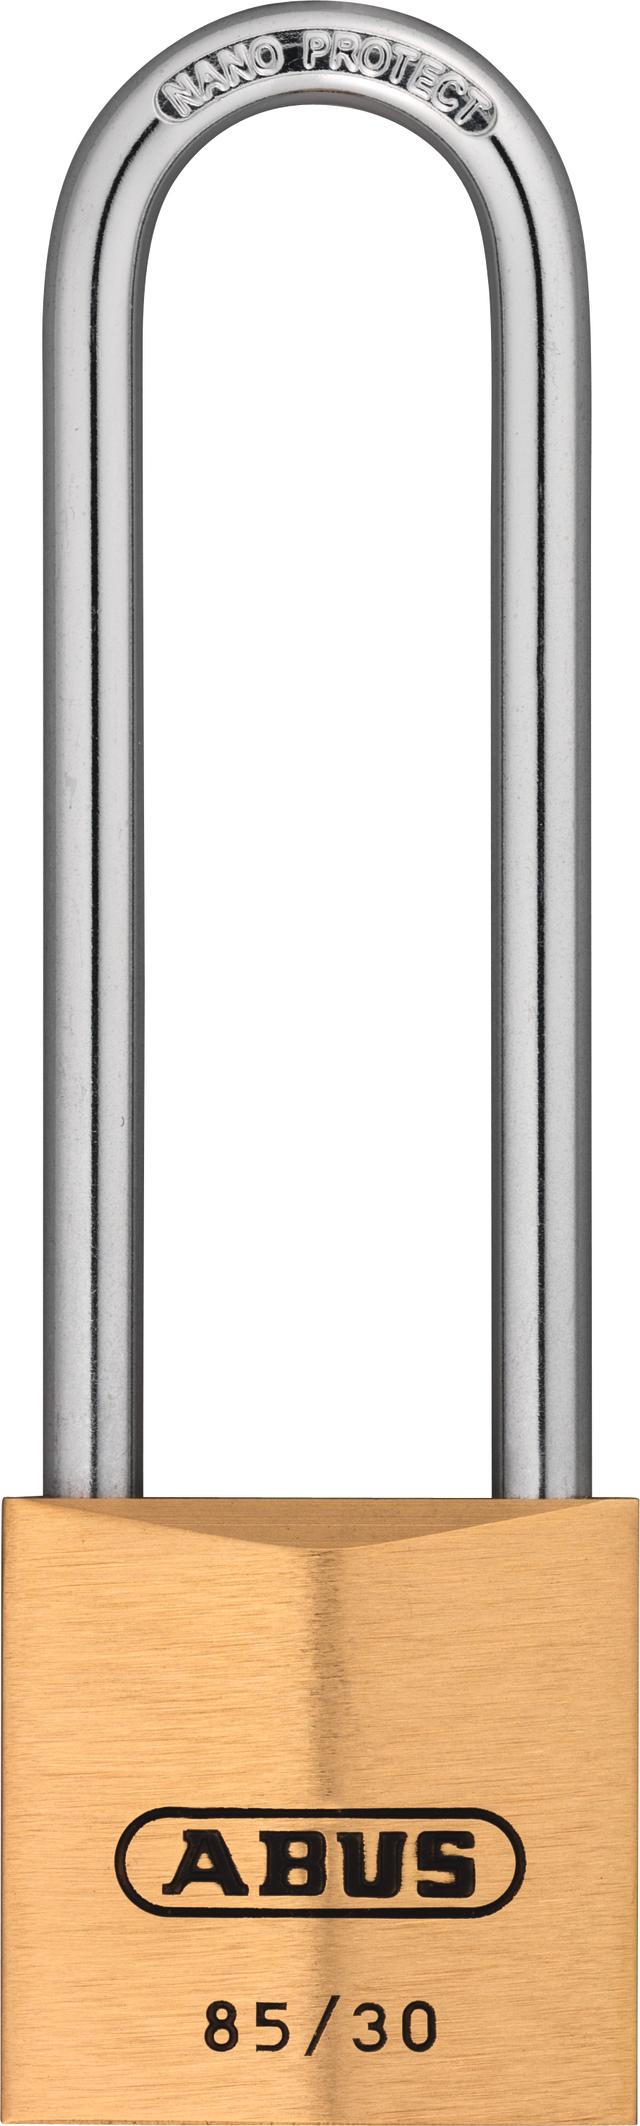 Vorhangschloss Messing 85/30HB65 gl. lt. Muster/Code